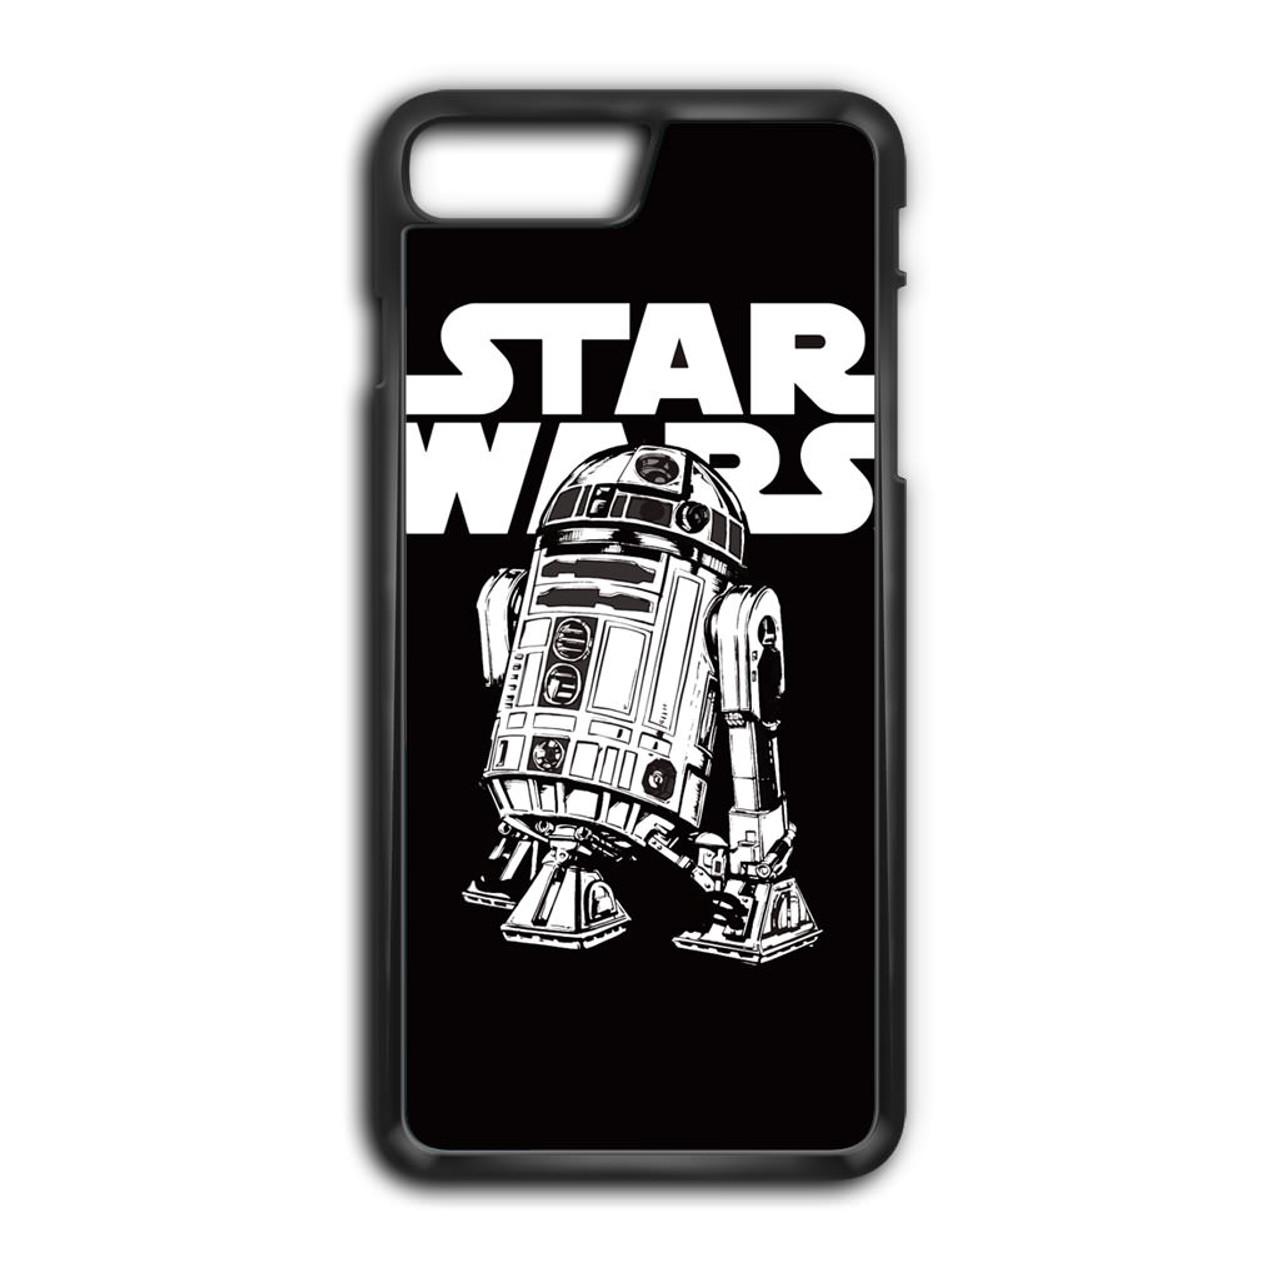 8d9e6d5c0ba7 Classic R2D2 iPhone 7 Plus Case - GGIANS